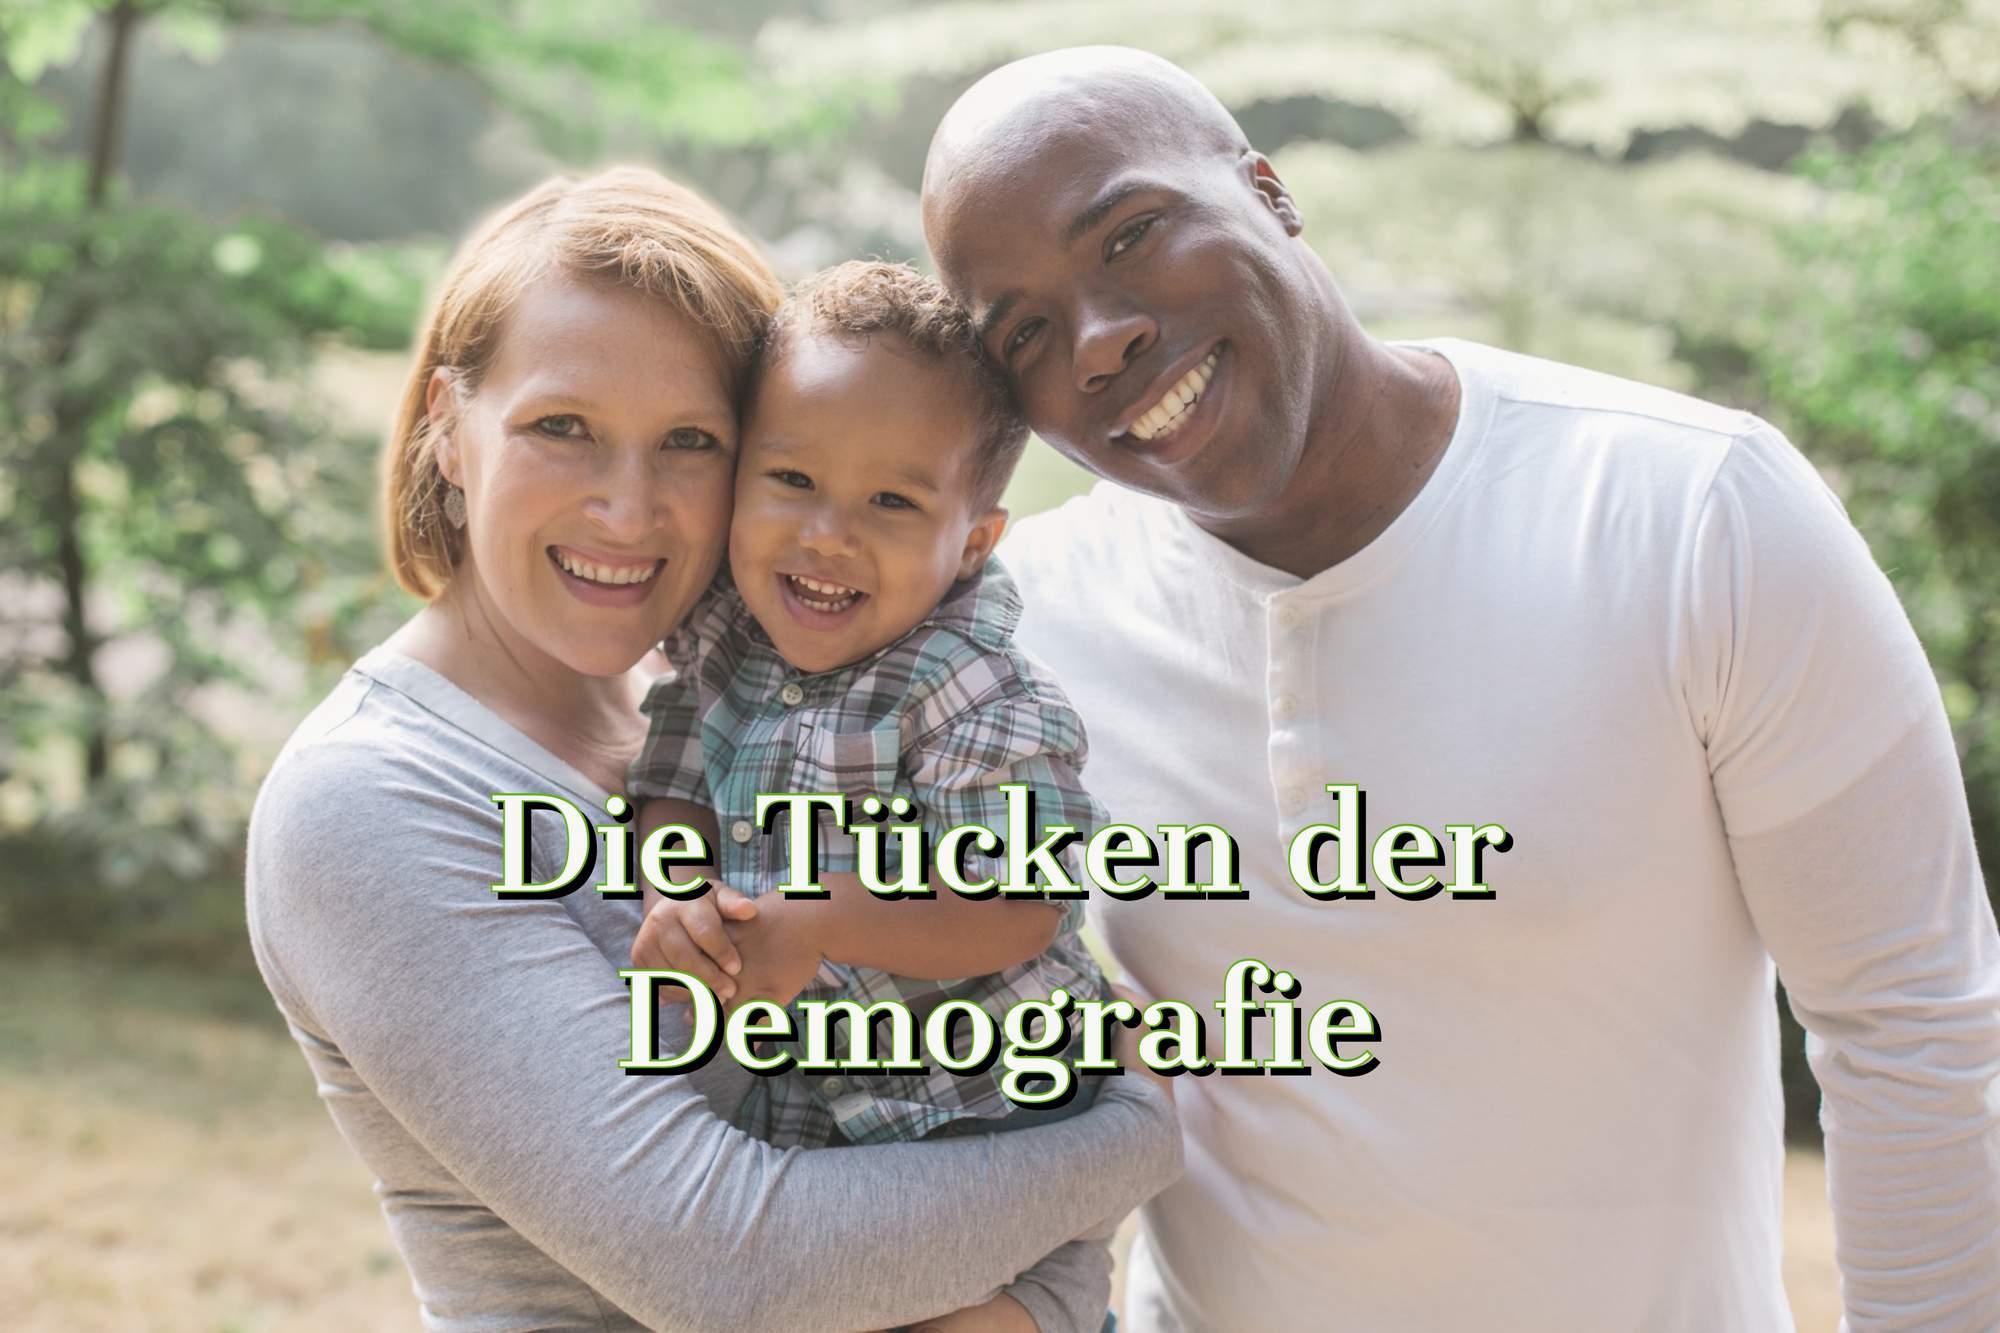 Bericht zur Demographie im Rathaus